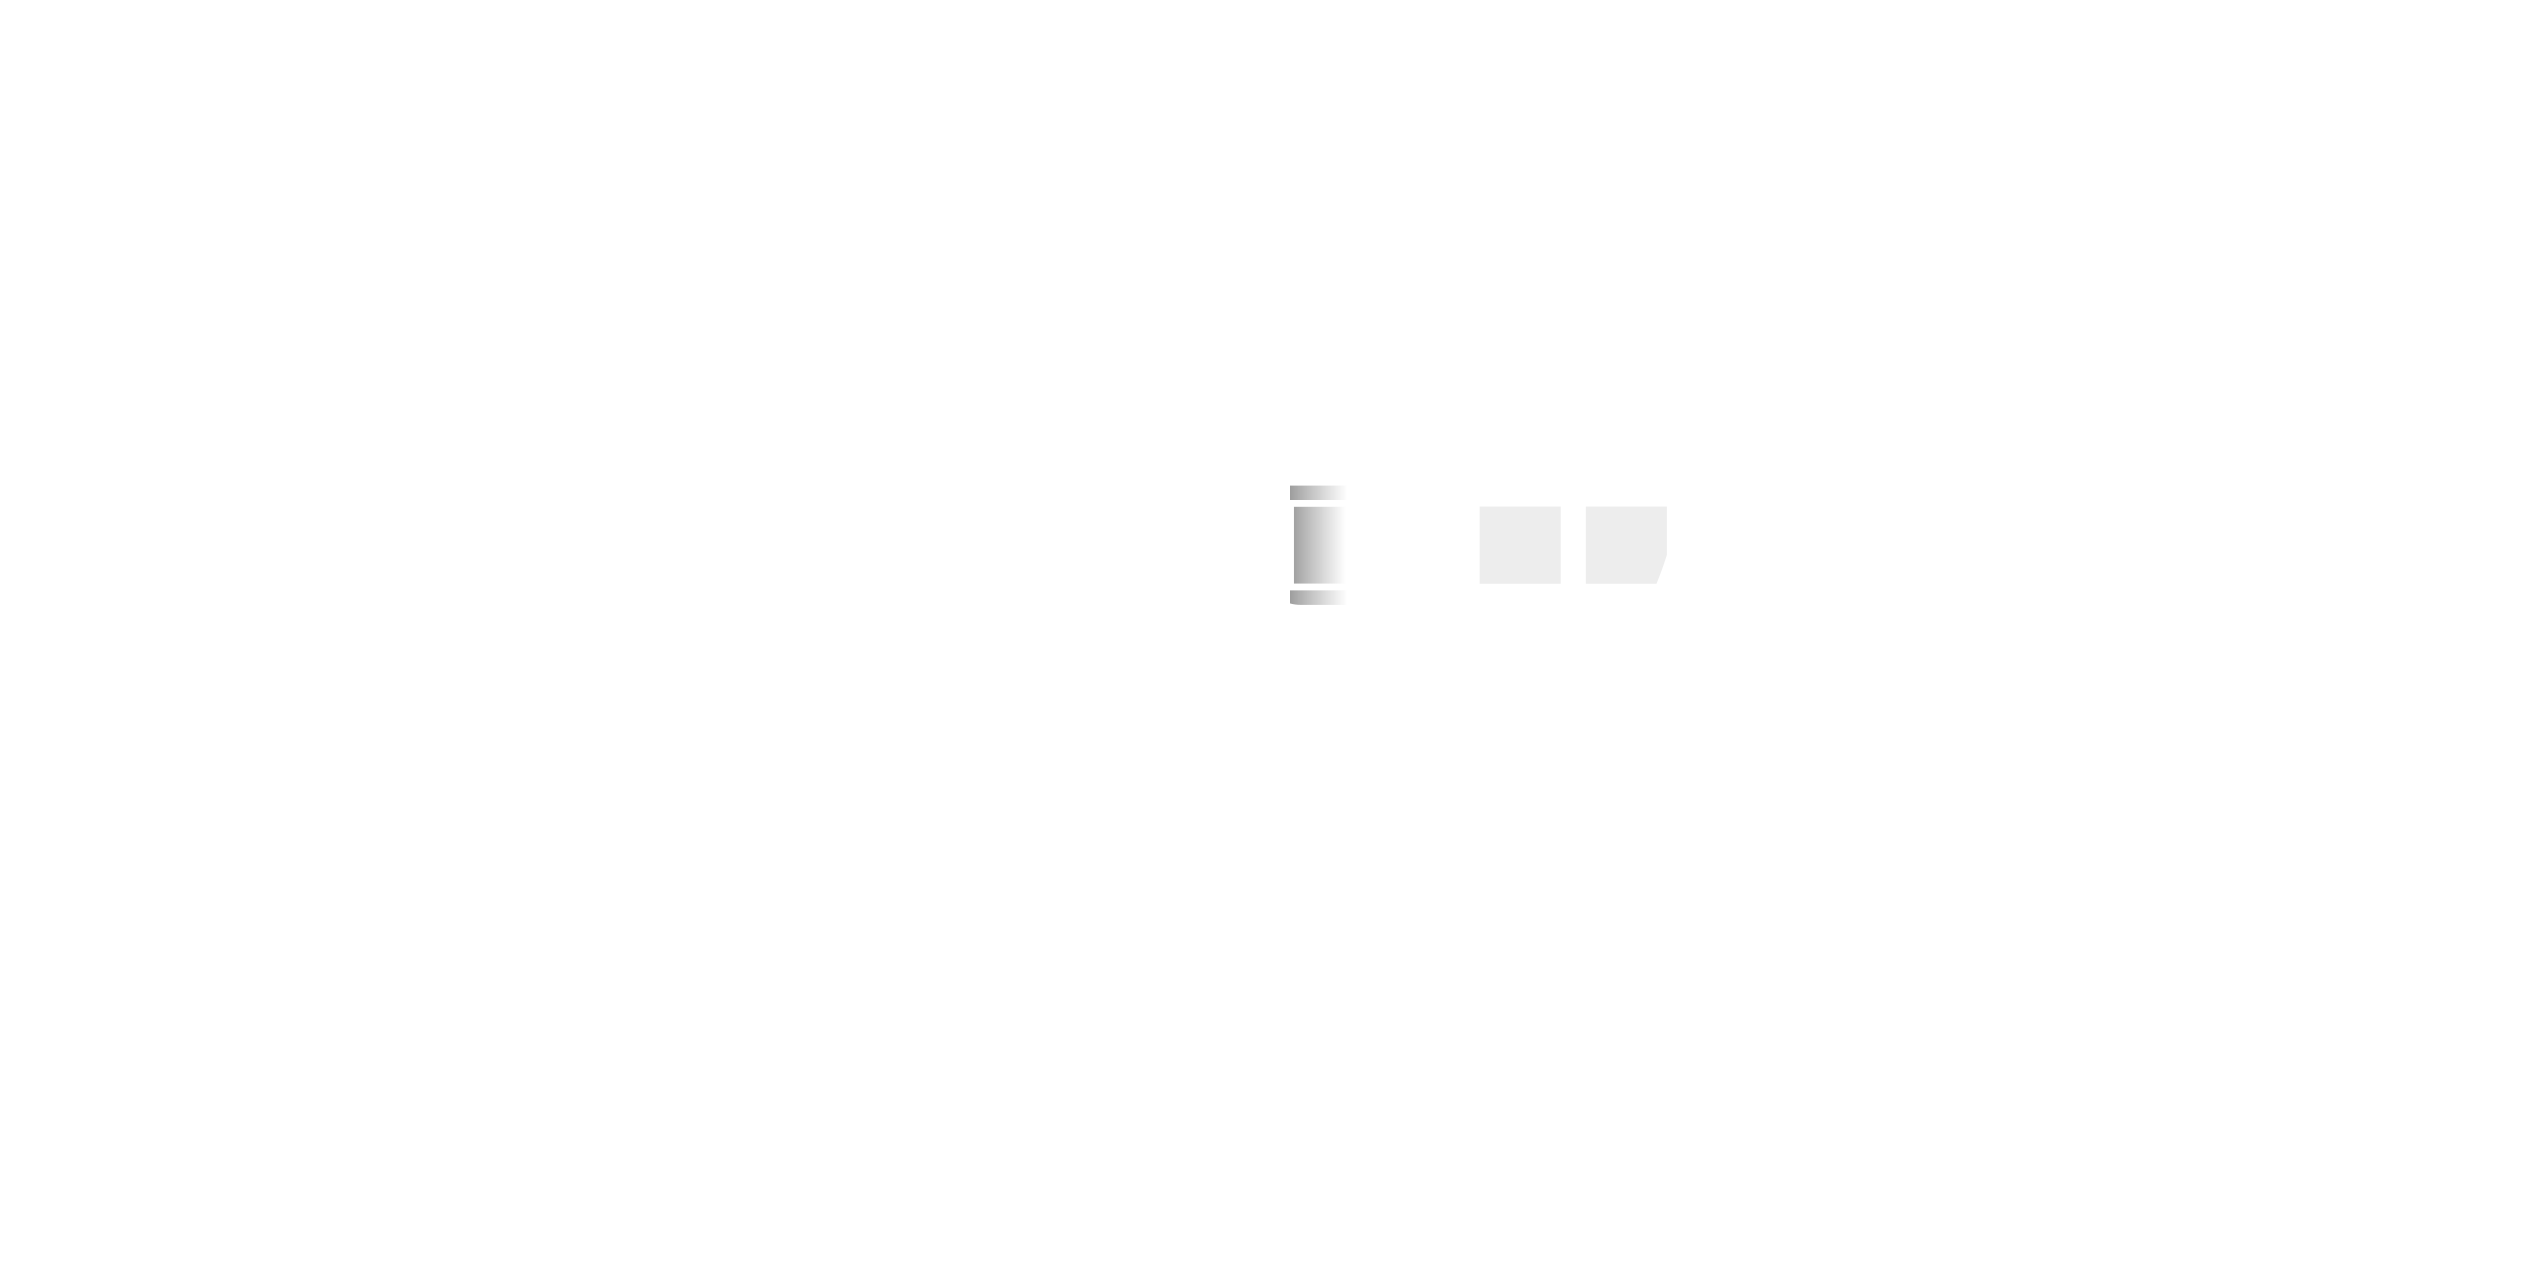 Casting da Lua